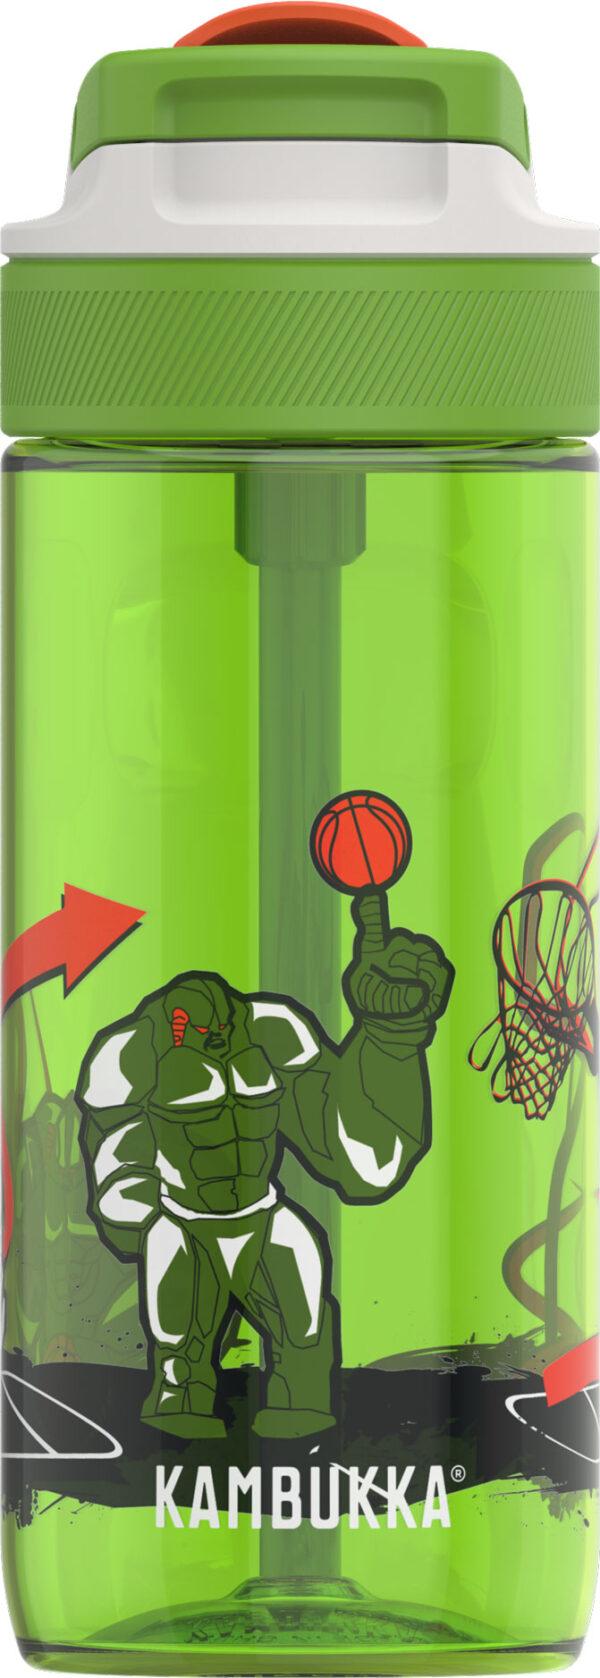 """בקבוק שתיה ילדים 500 מ""""ל ירוק Kambukka Lagoon Basket Robo קמבוקה"""